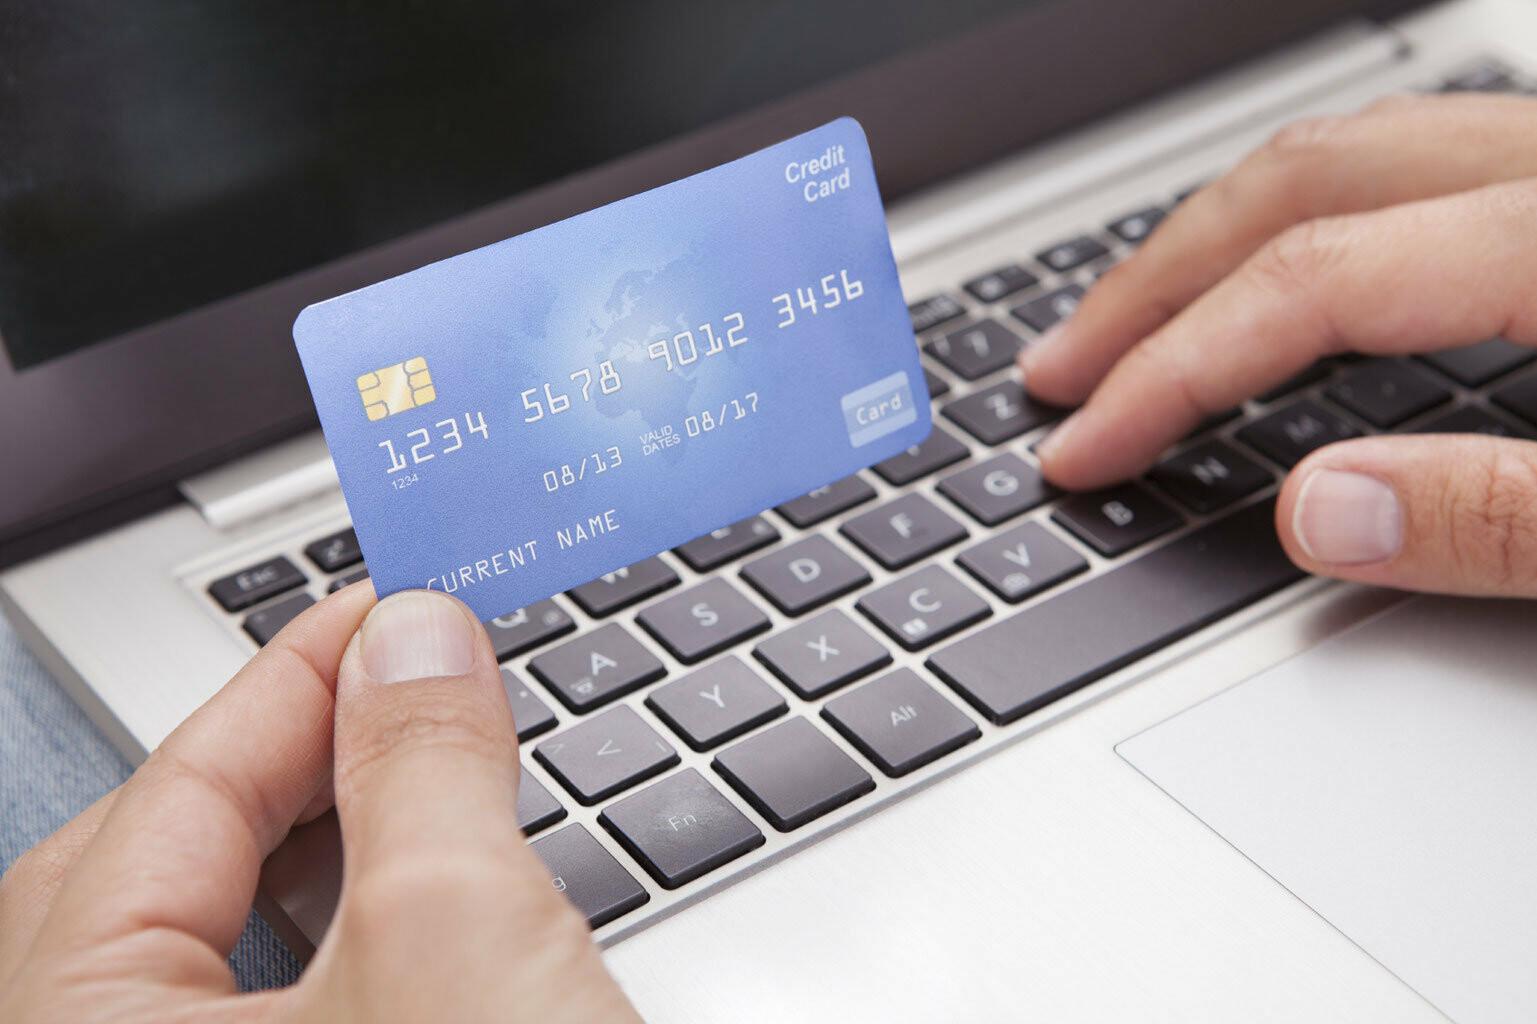 Взять быстрый кредит в киеве саратов возьму кредит